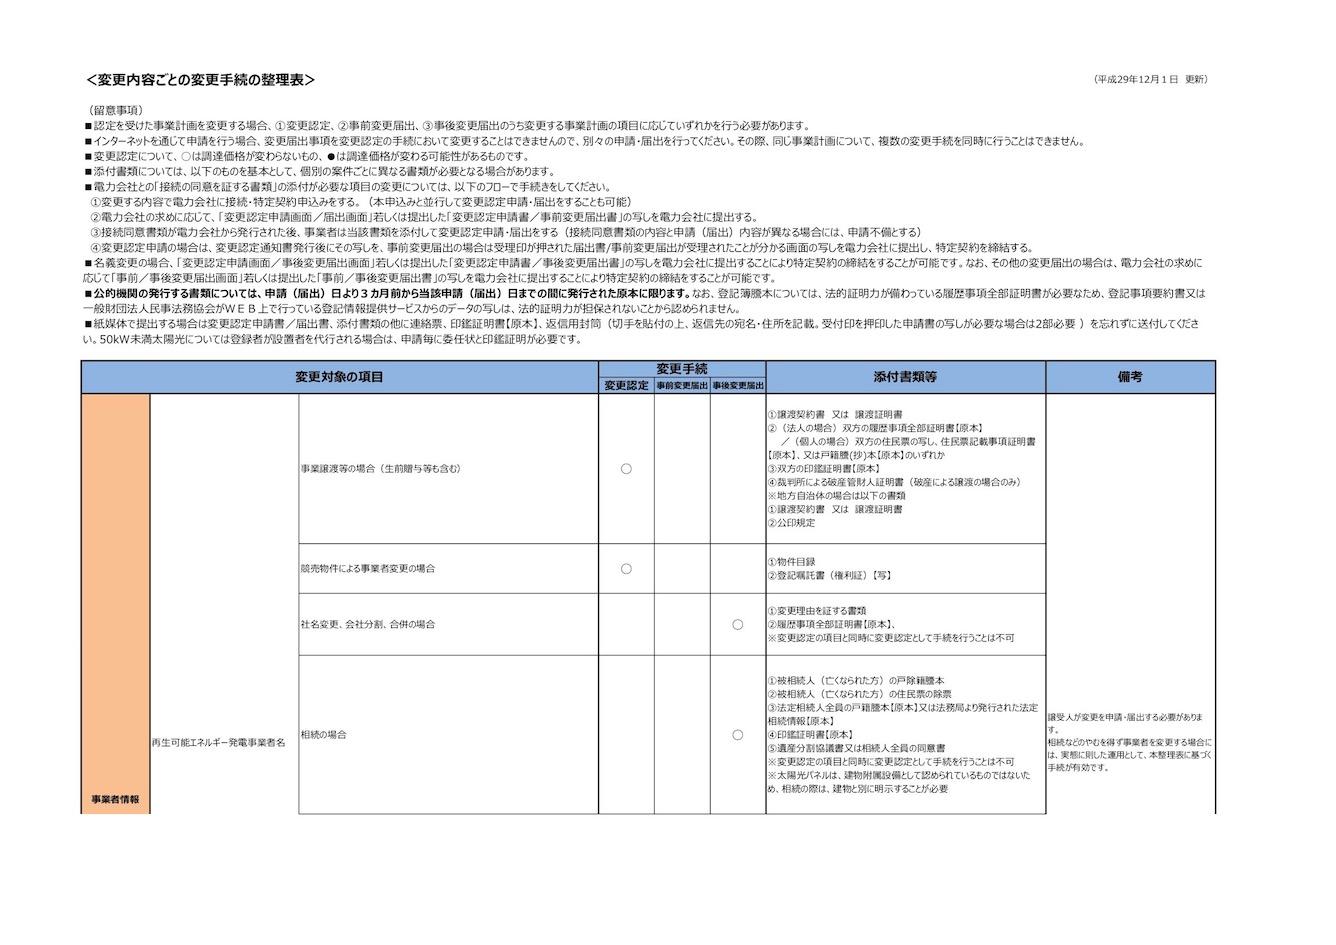 変更手続きの整理表・名義変更部分の抜粋